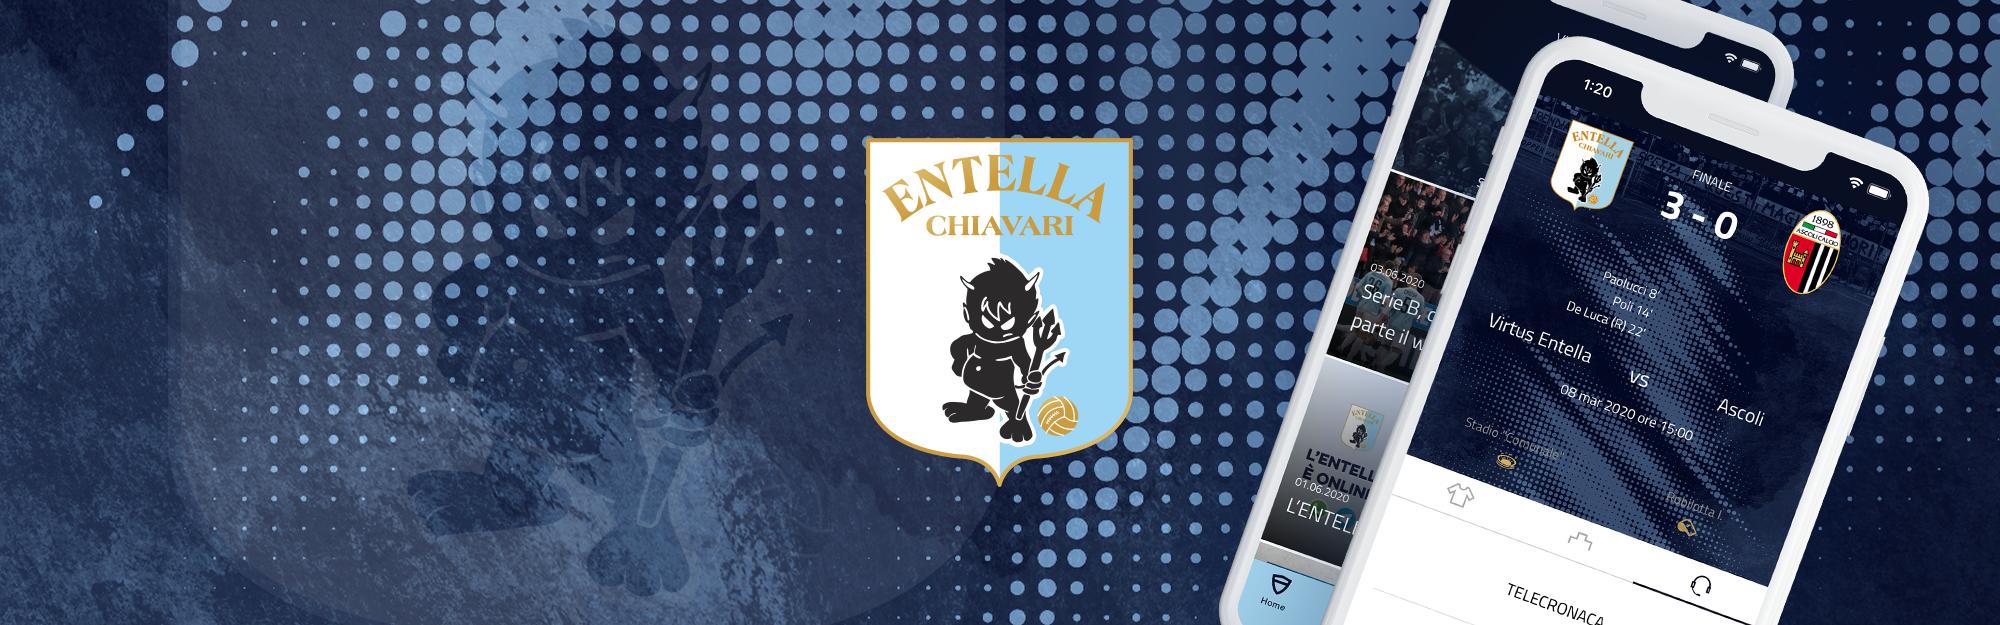 Virtus Entella e IQUII lanciano la Sport Platform per valorizzare l'esperienza di fan e partner del club. Nasce la nuova App biancoceleste.